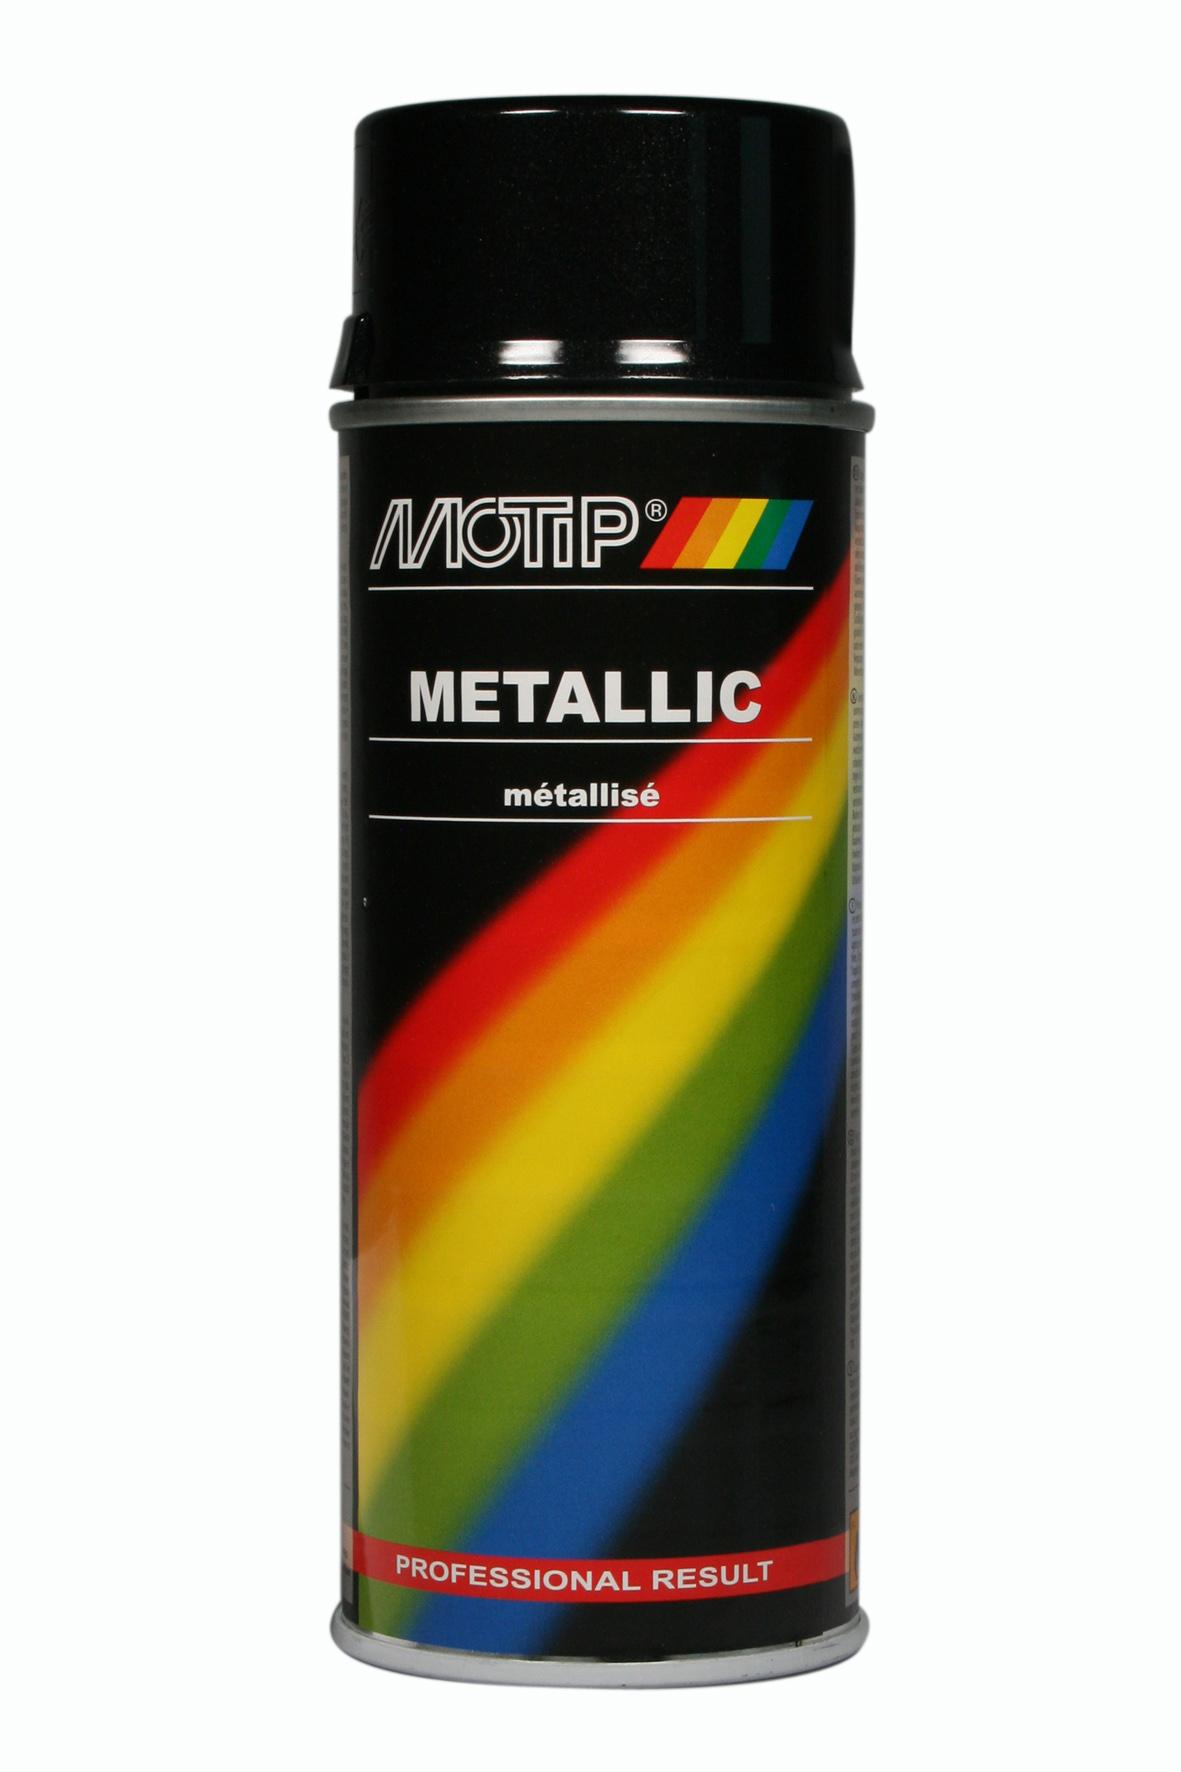 Motip ralley metalic zwart 400ml